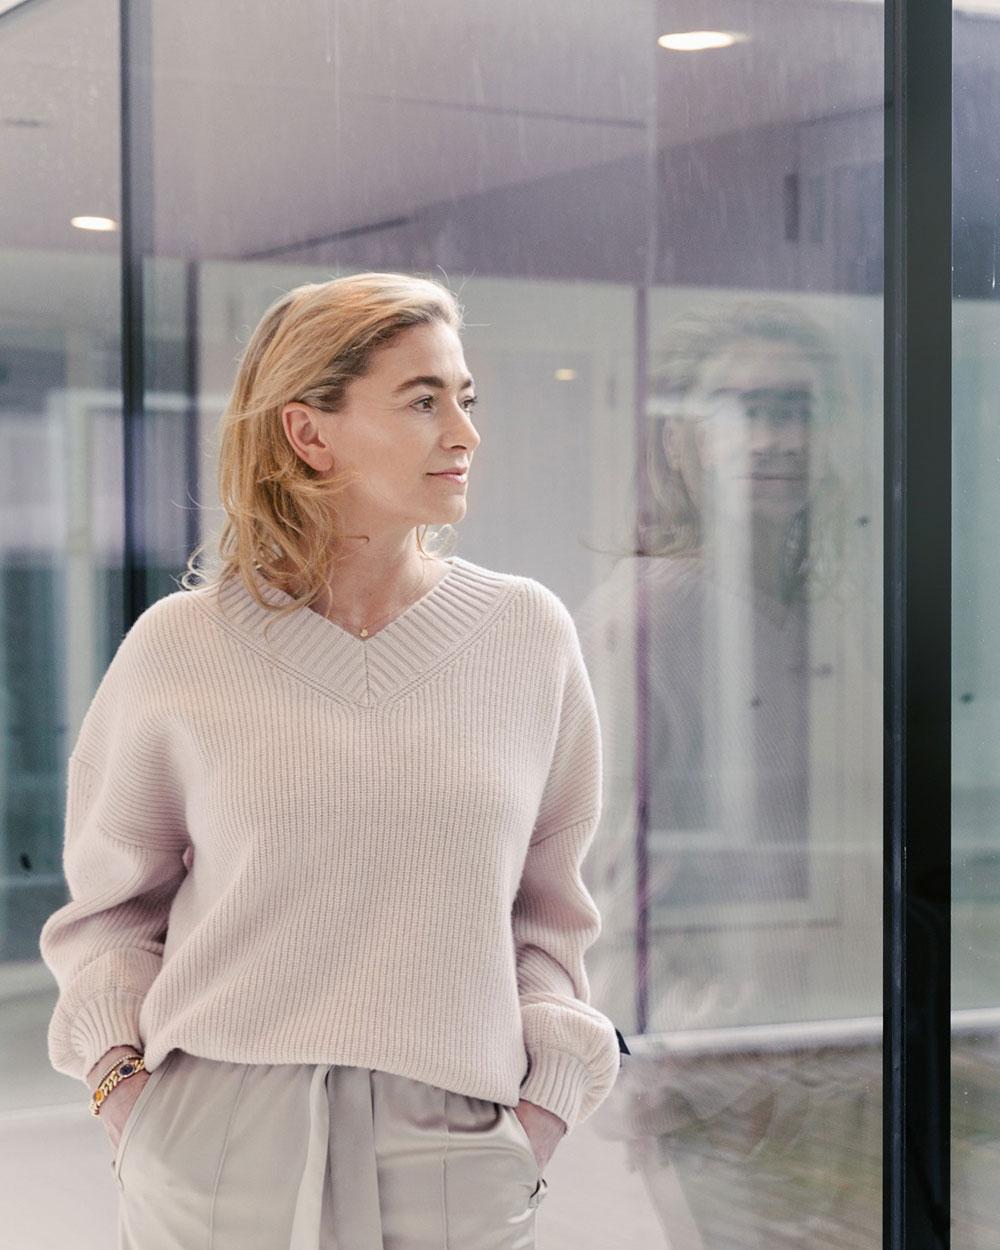 Naturkosmetik-Ikone Susanne Kaufmann verrät auf sonrisa ihre persönlichen Beauty-Tipps für den Winter.